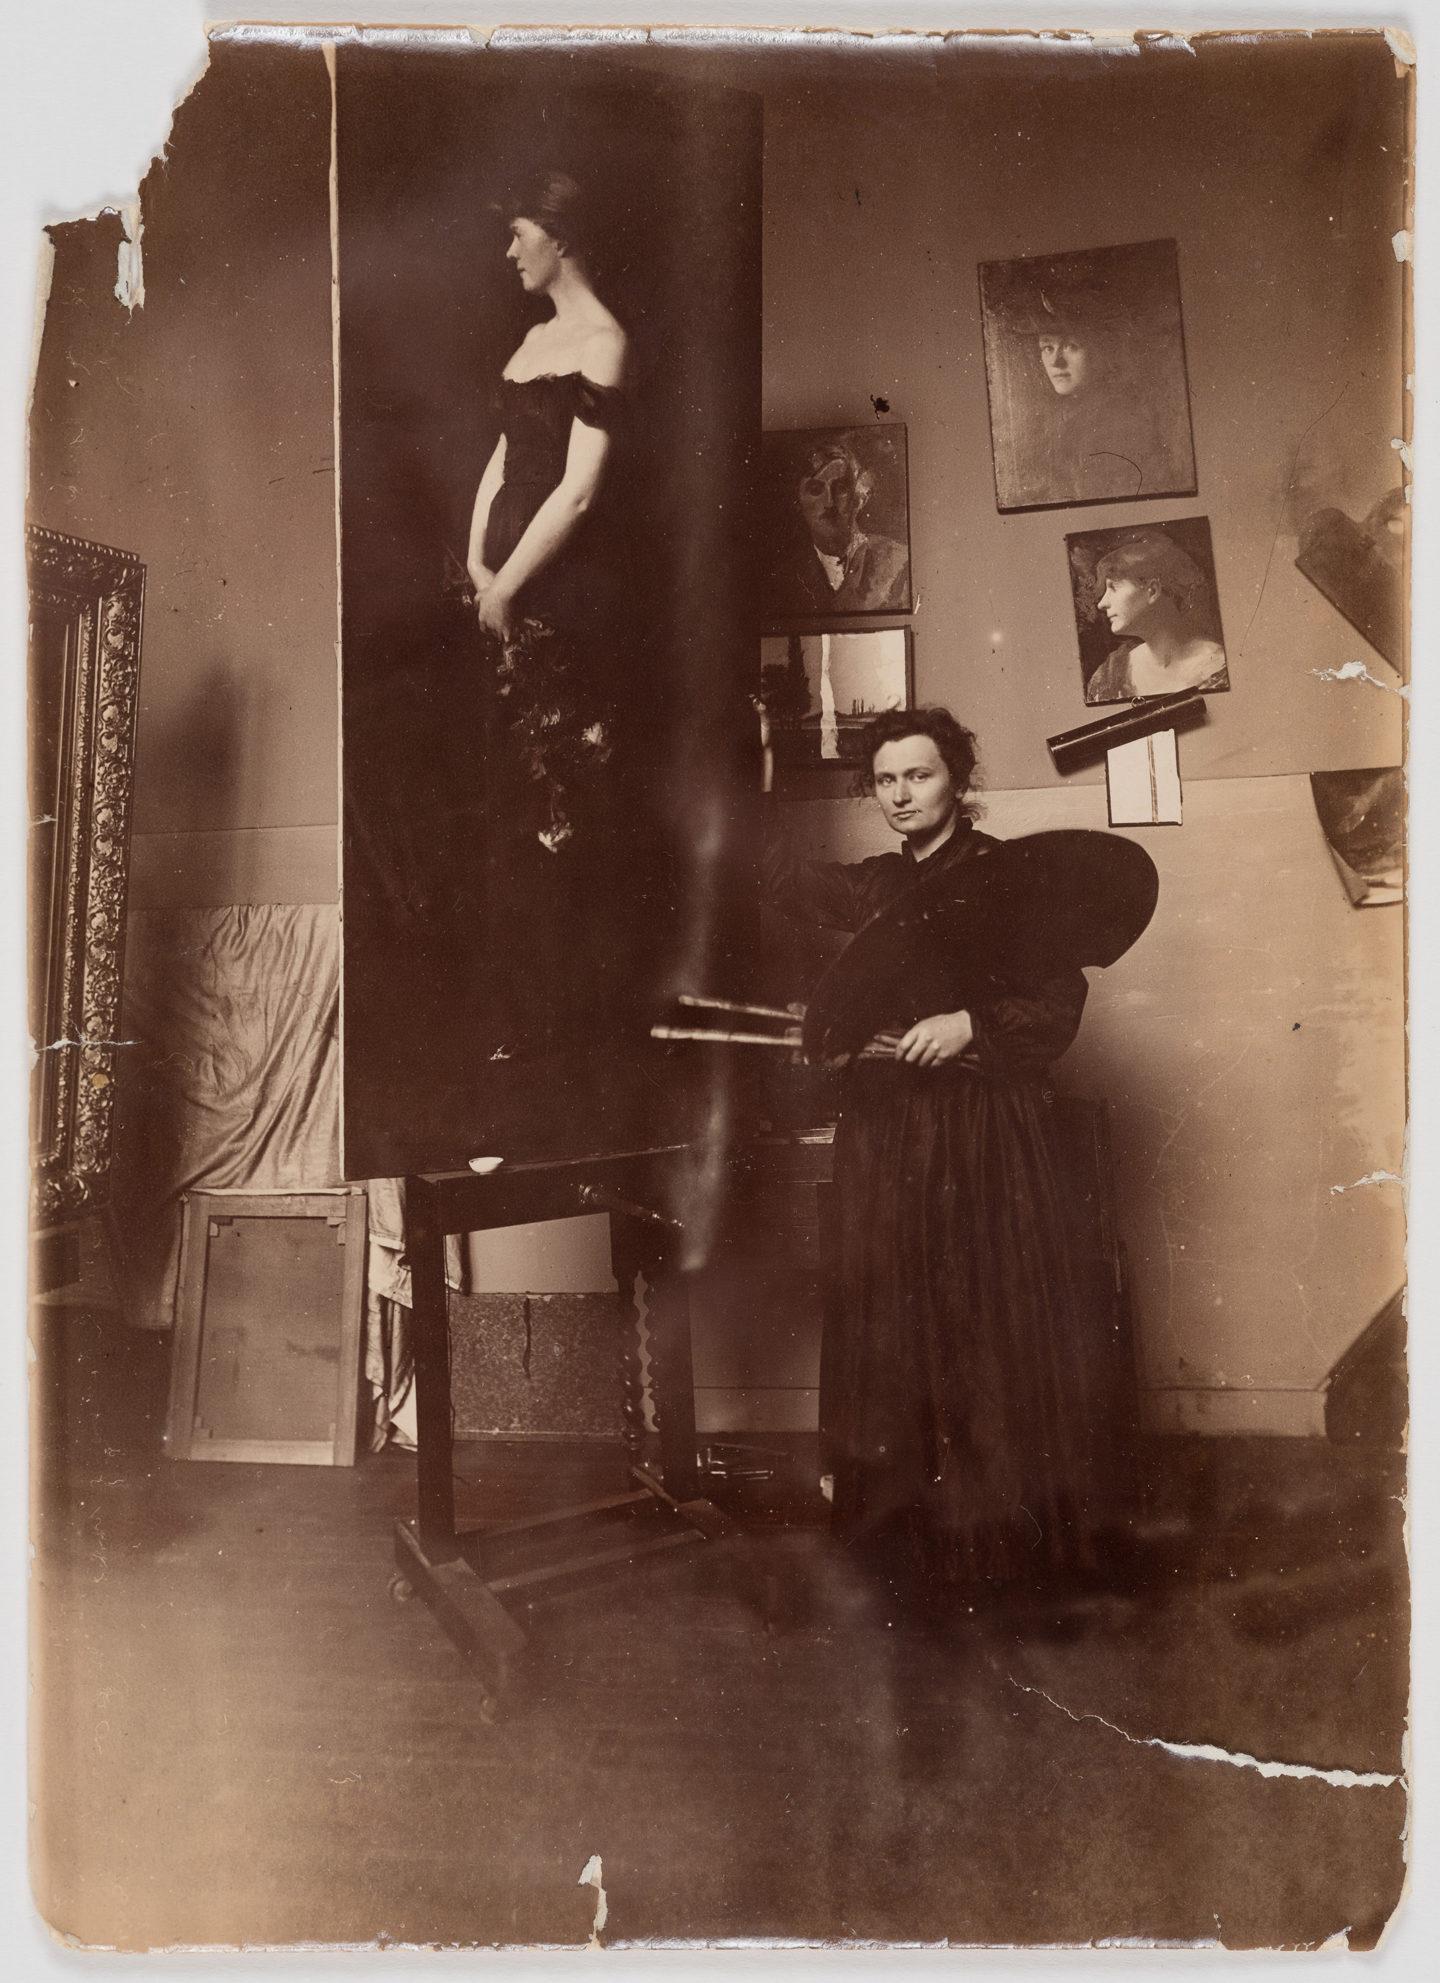 Malerin Roederstein in ihrem Atelier